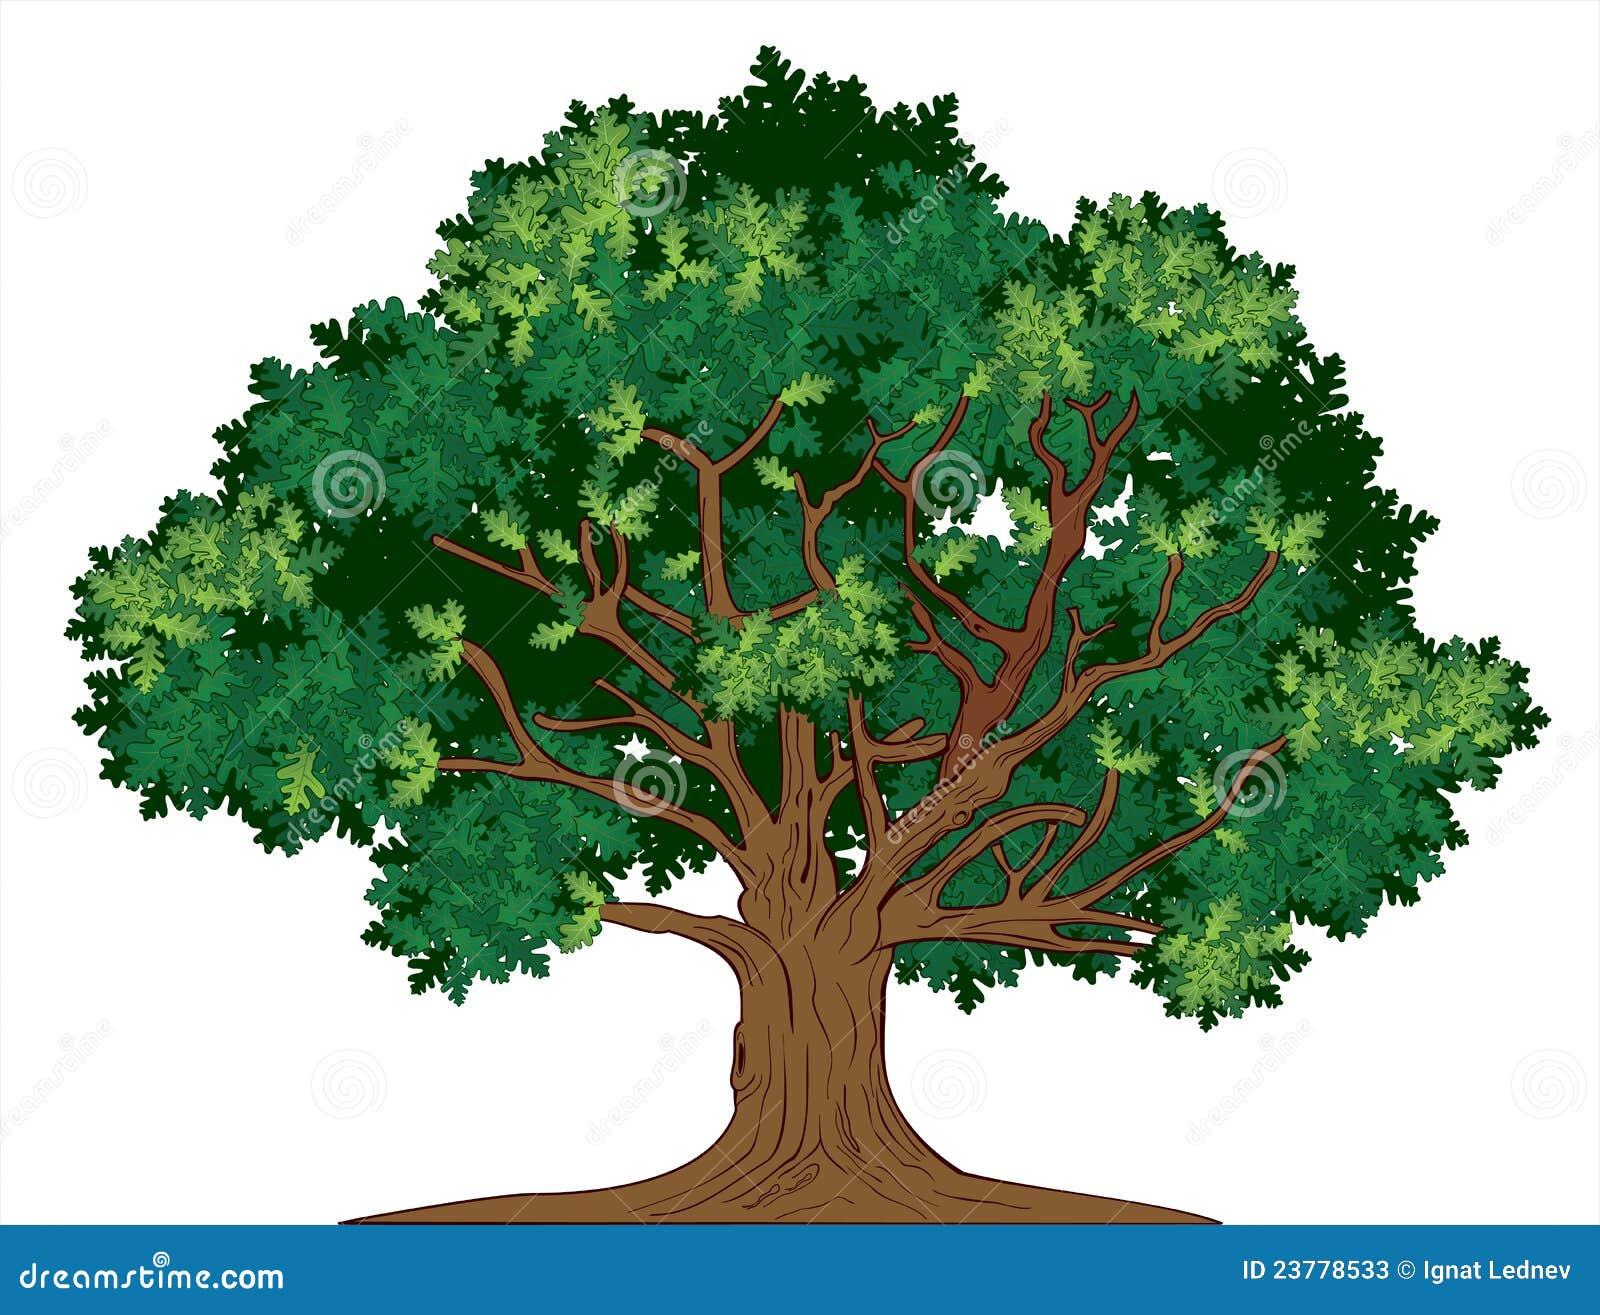 Vektoreichenbaum